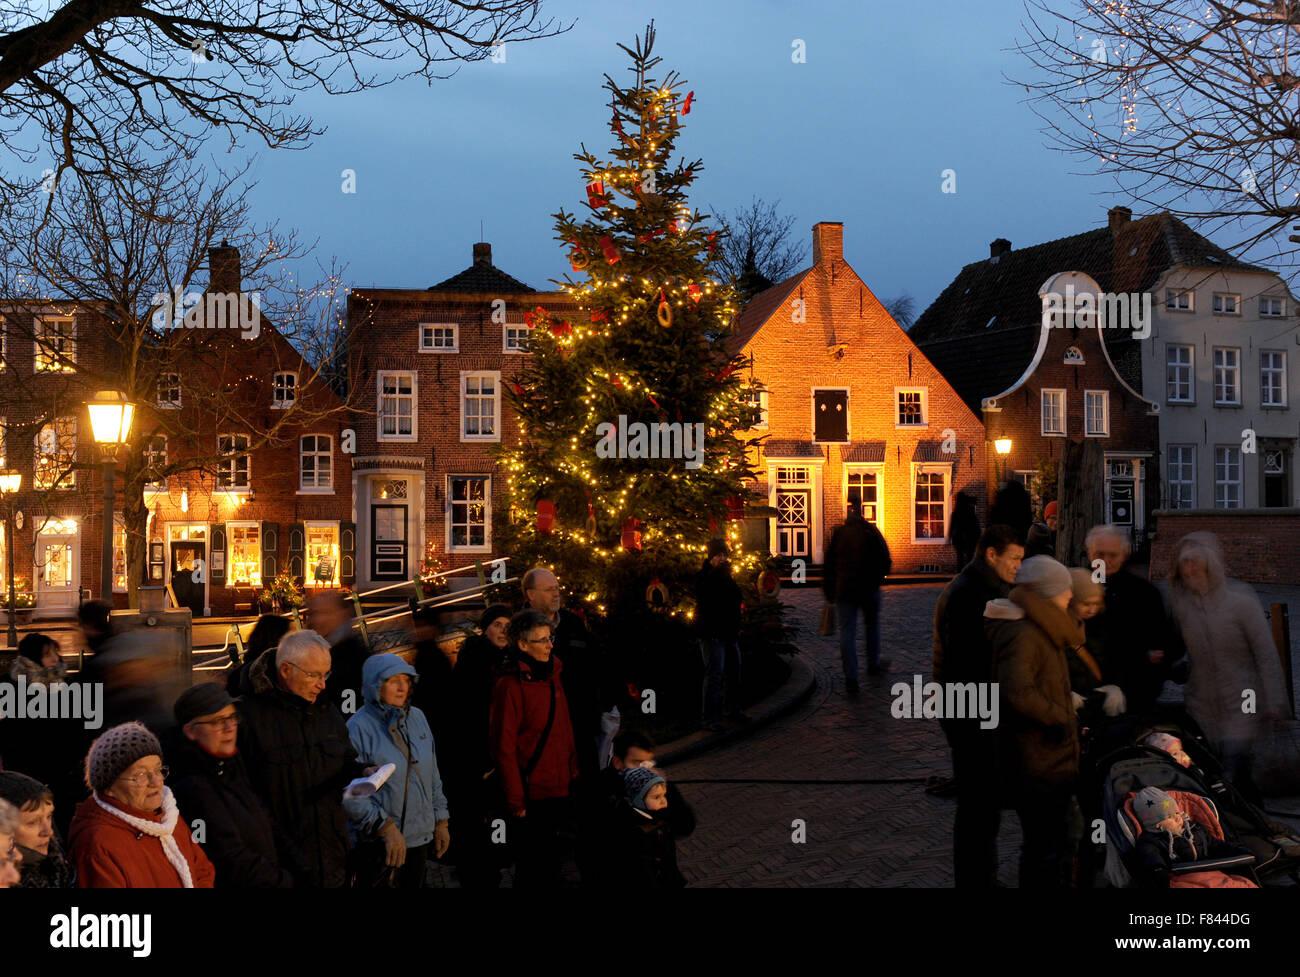 Weihnachtsmarkt Greetsiel.Greetsiel Deutschland 5 Dezember 2015 Besucher Auf Dem